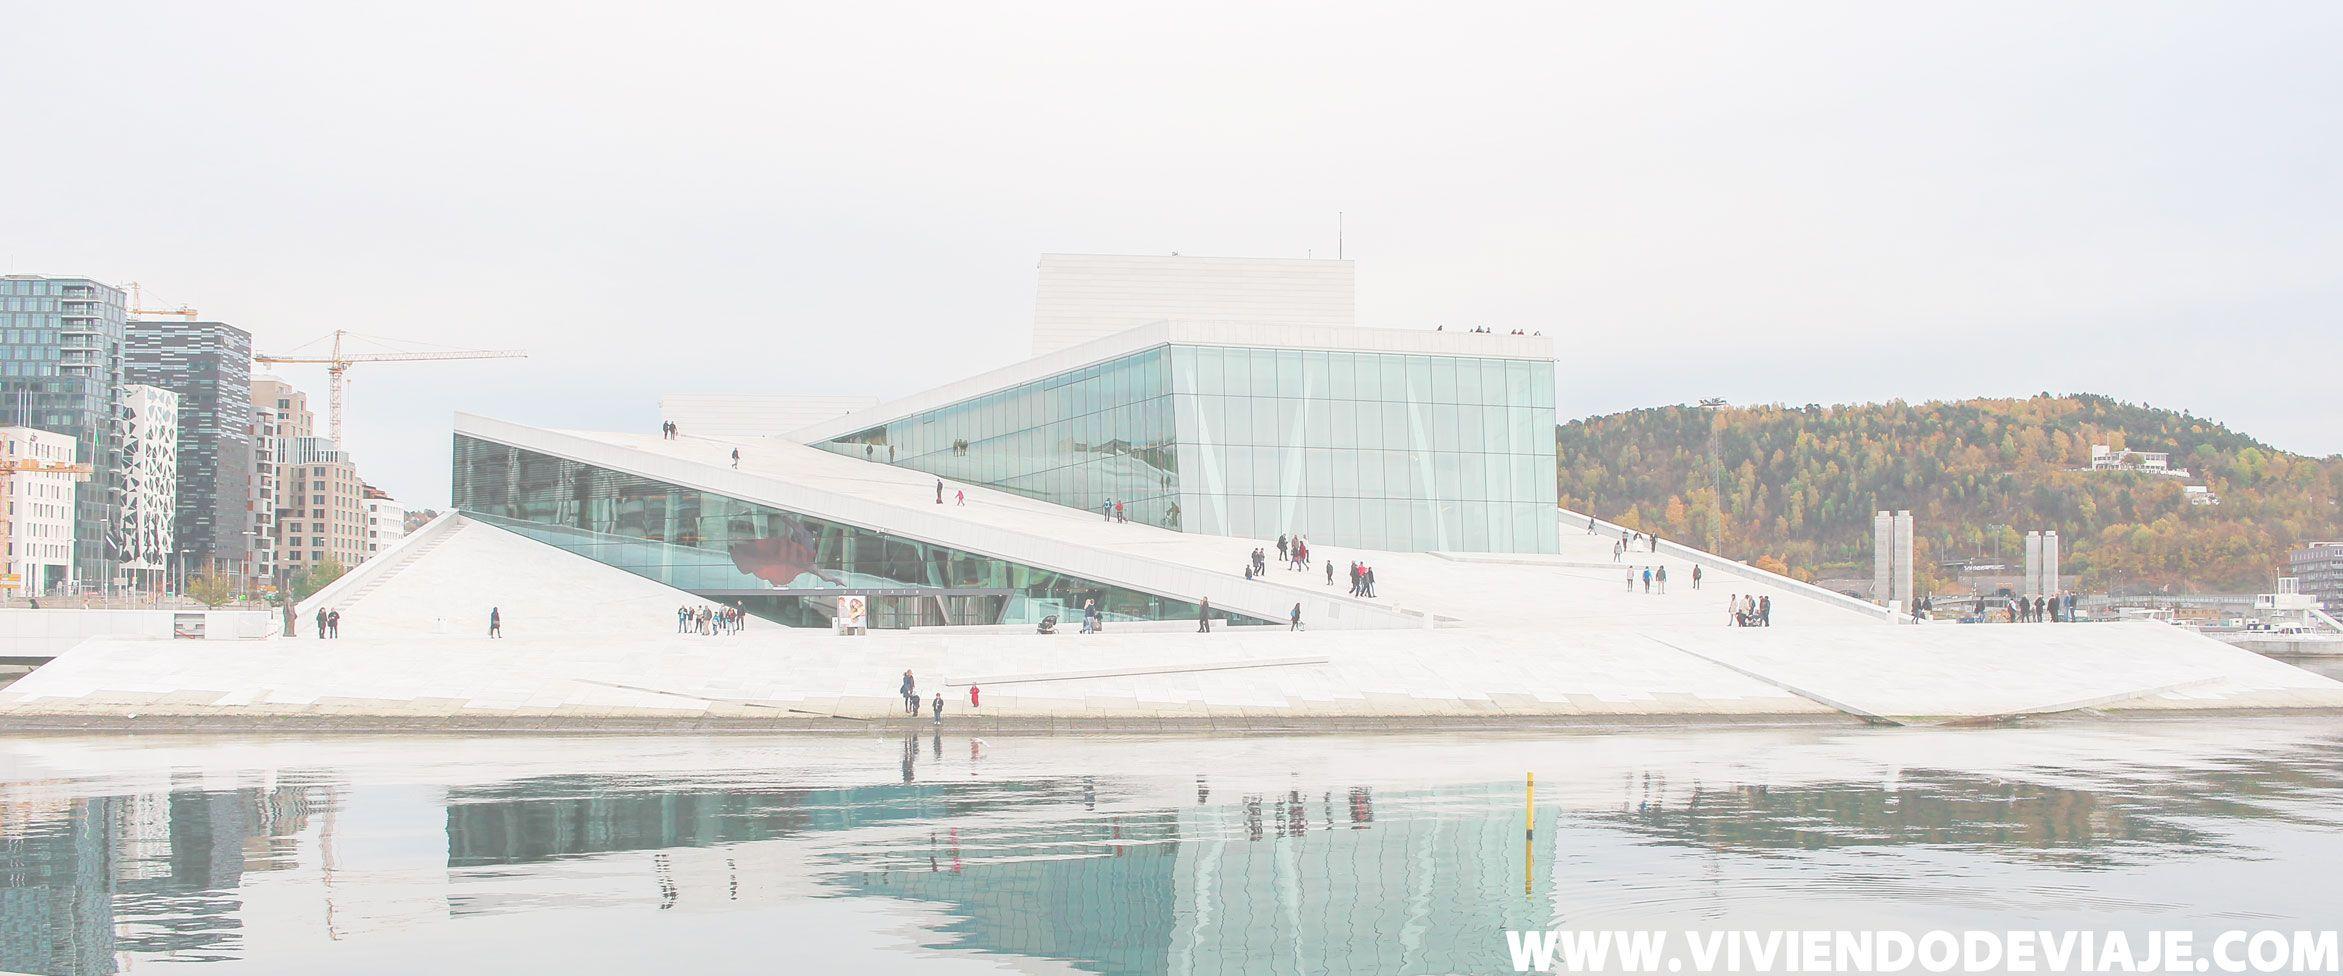 Donde alojarse en Oslo, las mejores zonas